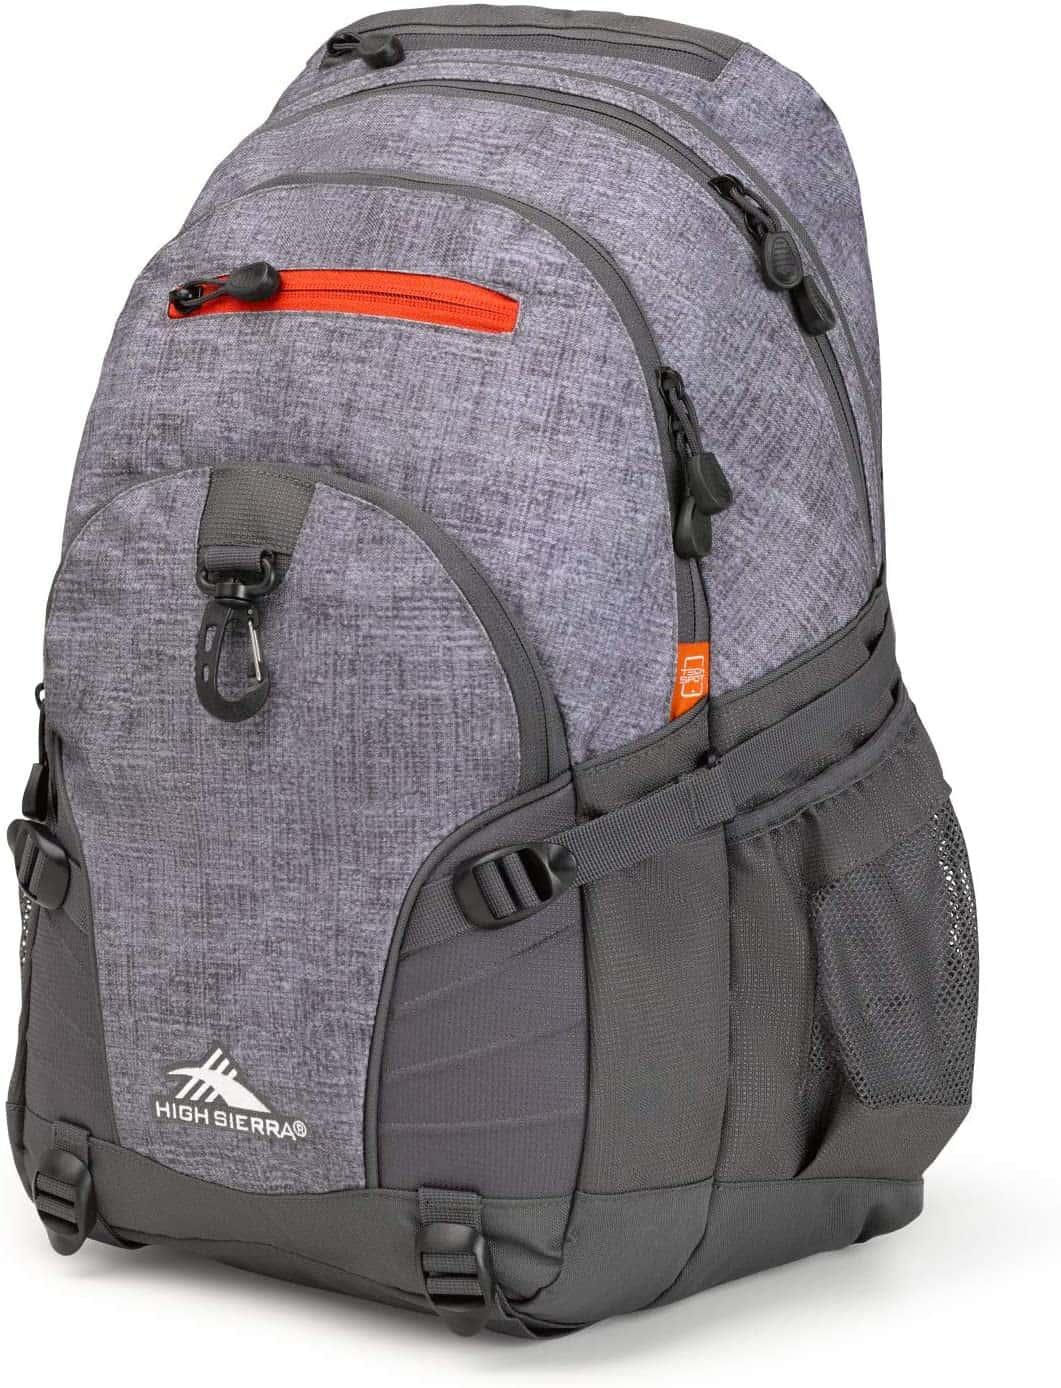 High Sierra Loop-Backpack, School, Travel, or Work Bookbag with tablet-sleeve, Woolly Weave/Mercury/Crimson, One Size